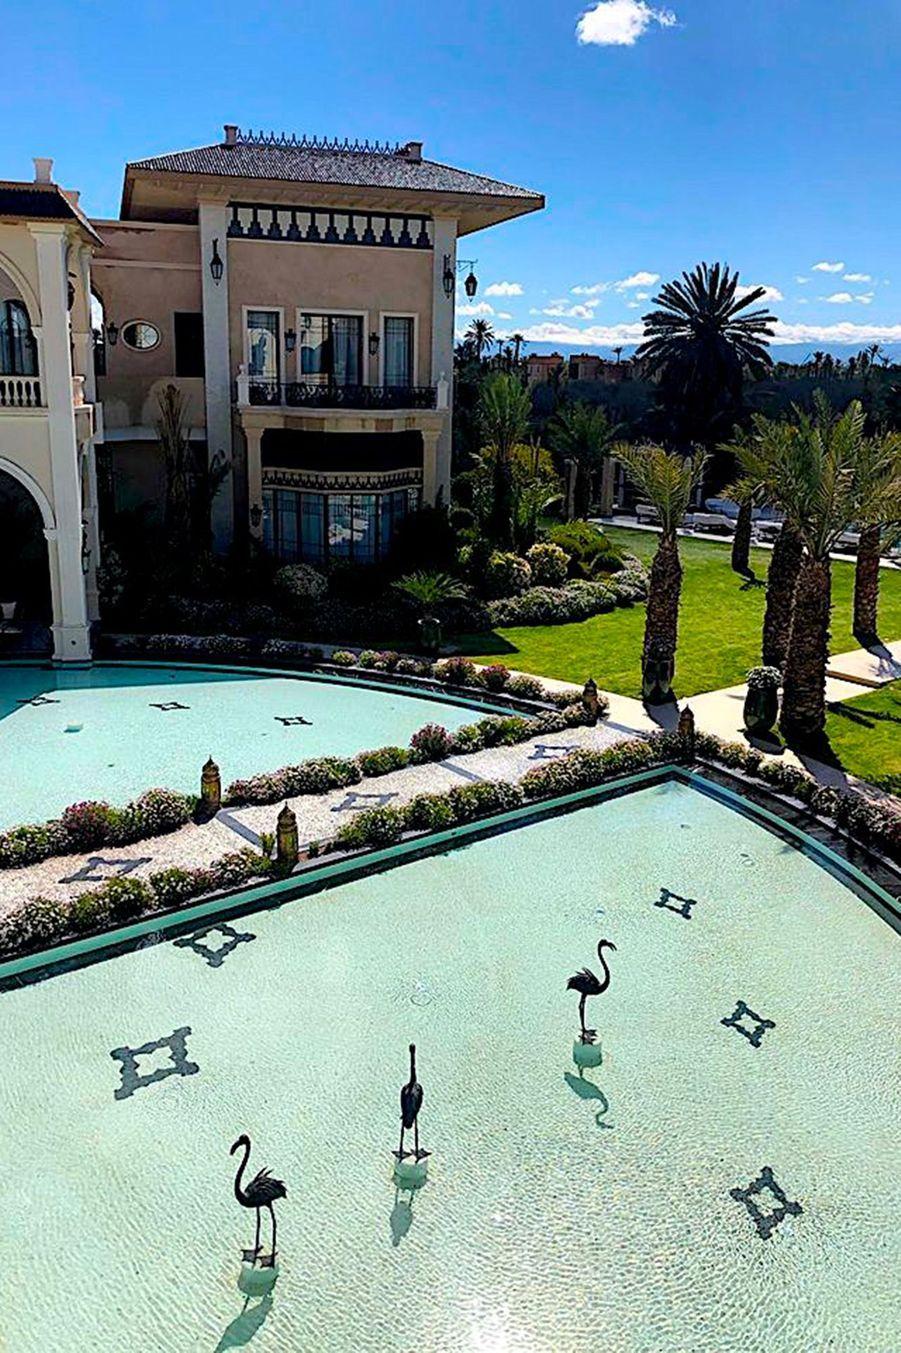 La piscine centrale.